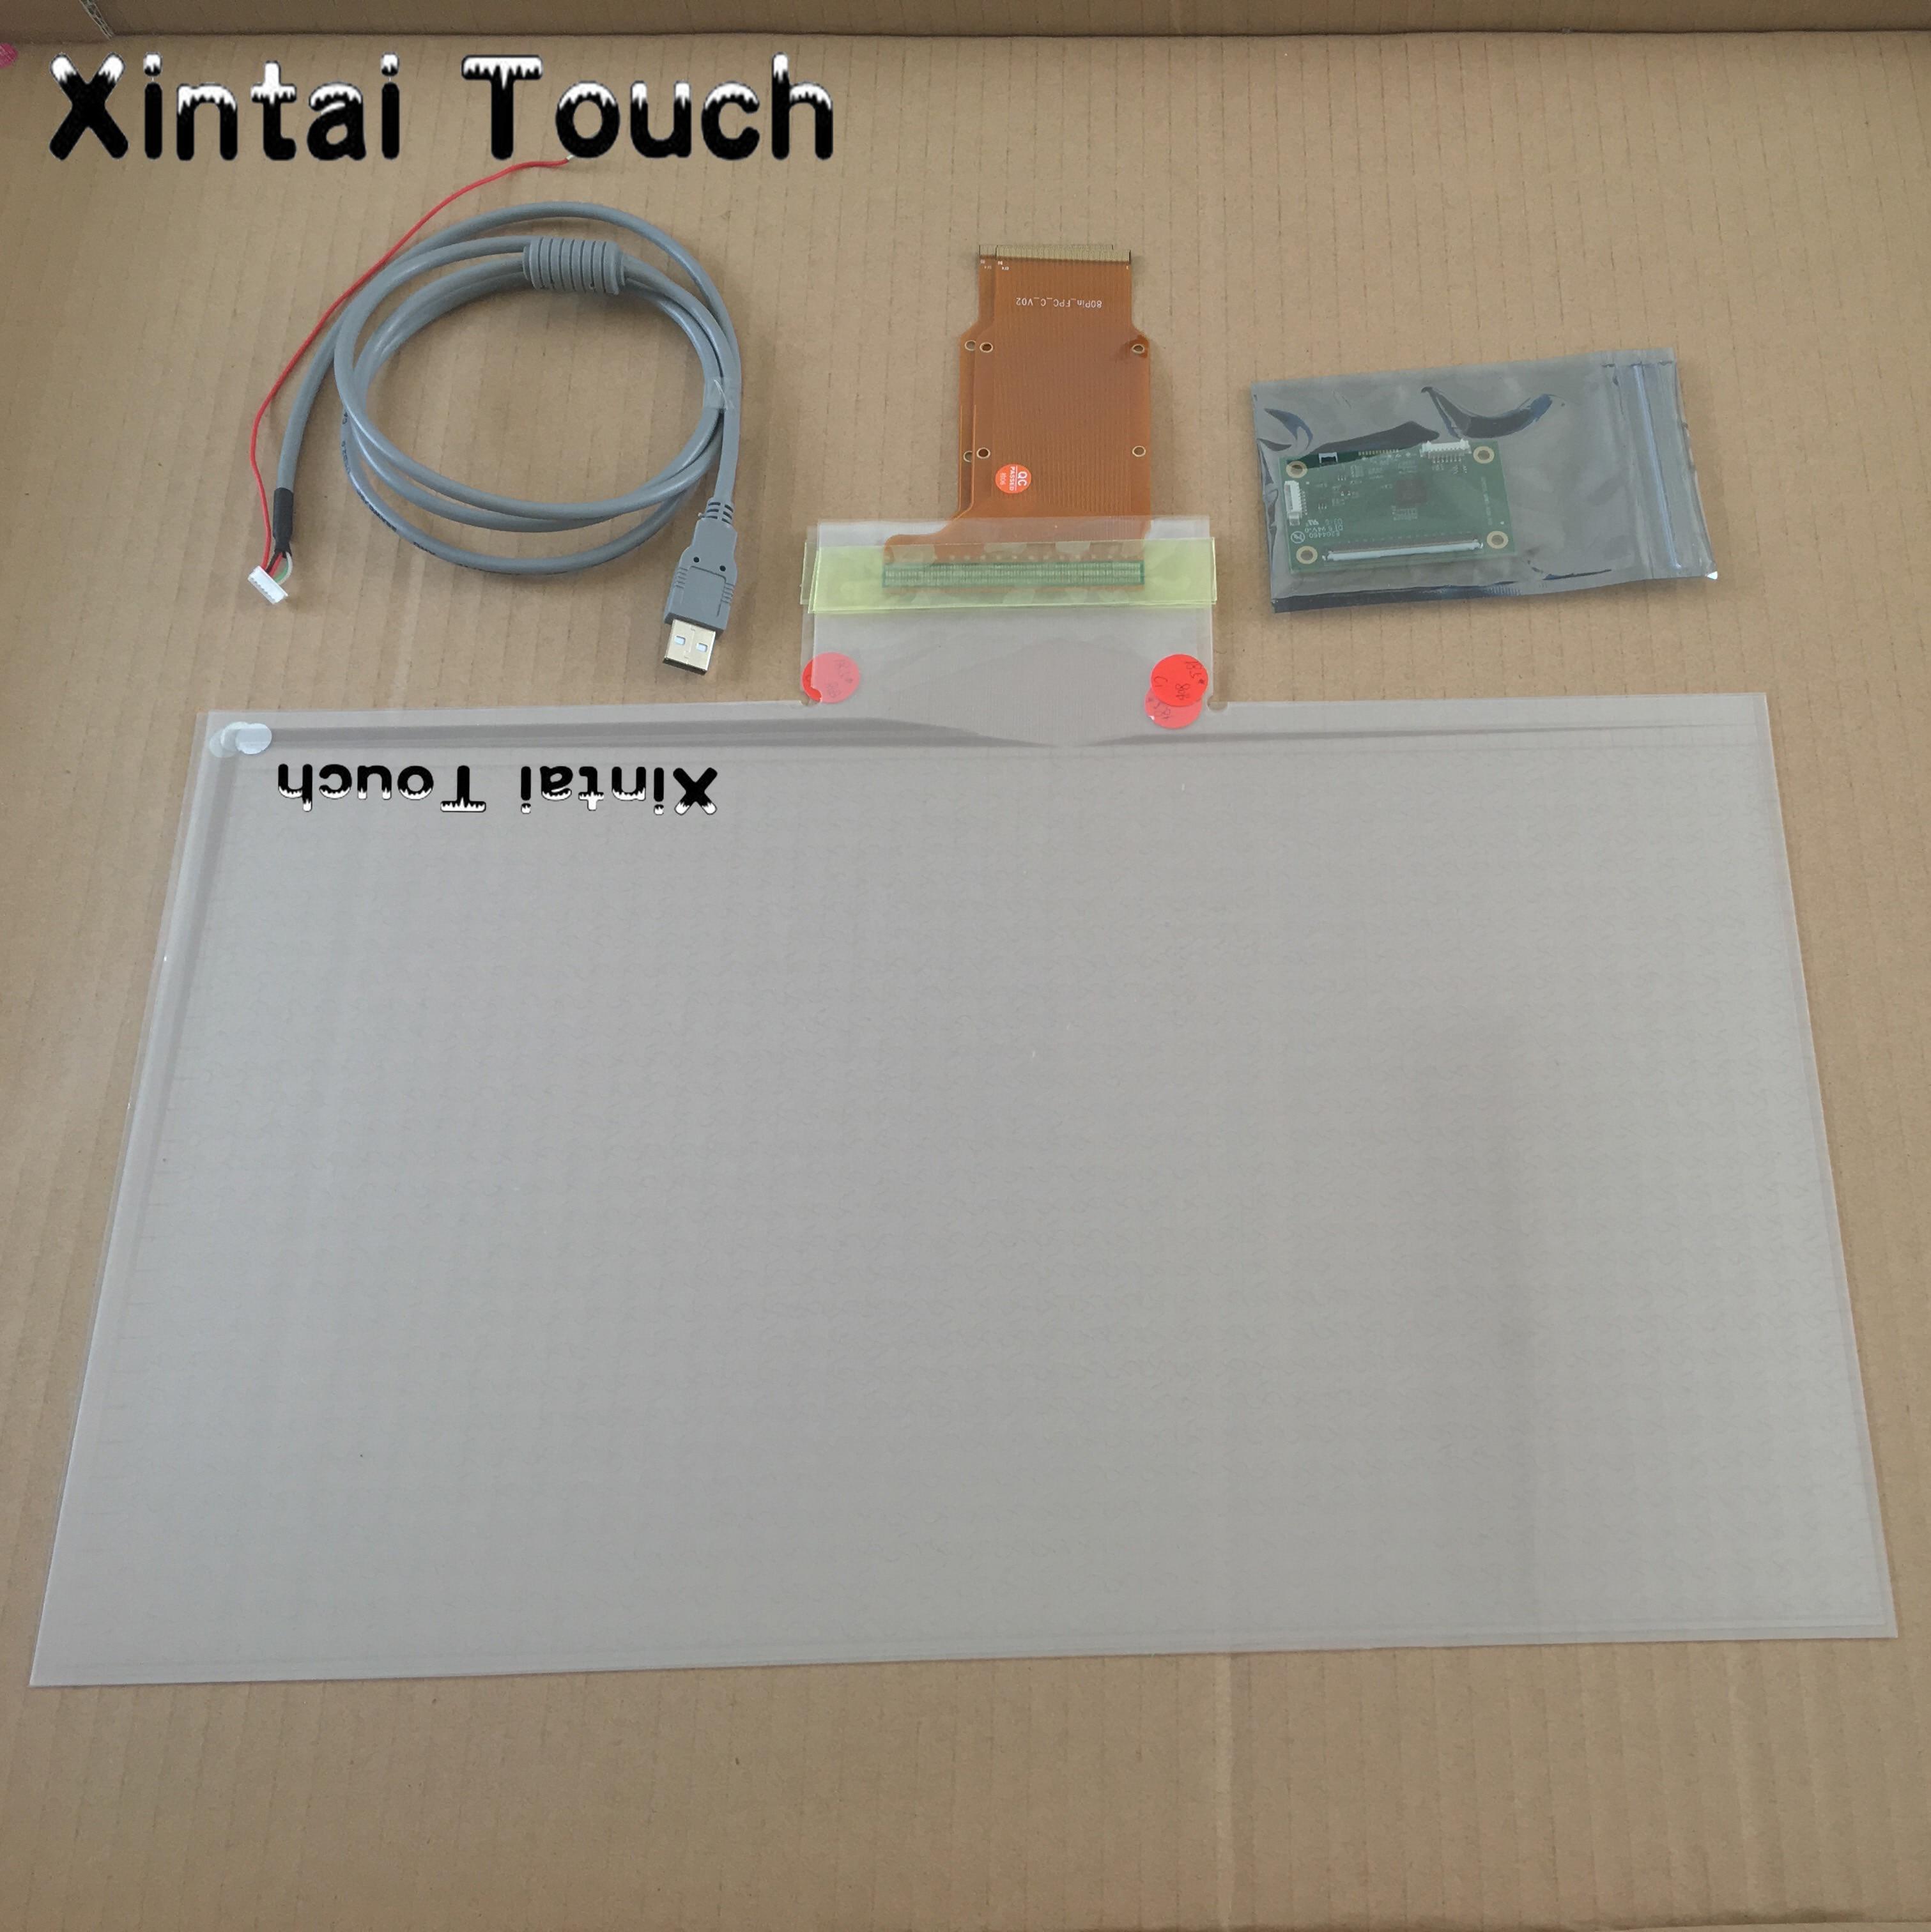 ¡ Caliente! Xintai Touch clear 4 puntos 21.5 lámina táctil/táctil para LCD/LED Monitor